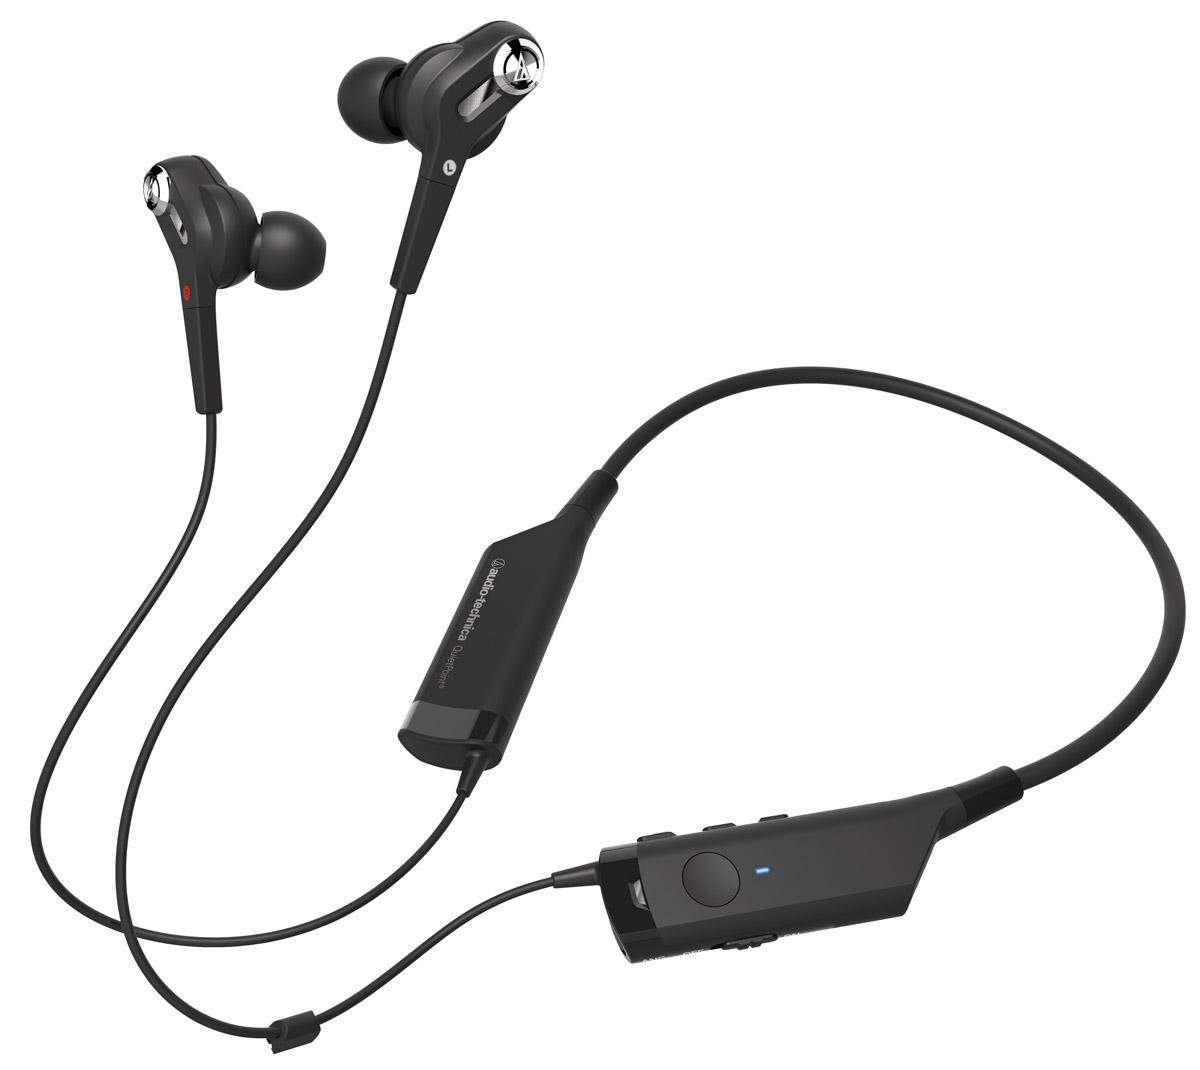 Audio-Technica ATH-ANC40BT наушники4961310132194Audio-Technica ATH-ANC40BT - это Bluetooth-гарнитура с вставными наушниками, обеспечивающая великолепное качество звука и отличное шумоподавление. Модель отличается уникальным дизайном и удобной посадкой благодаря шейному креплению. Наслаждайтесь музыкой при любом, даже самом активном, образе жизни! Пульт управления, которым оснащена гарнитура, позволяет принимать звонки, завершать разговор, регулировать громкость и перелистывать треки на вашем смартфоне или портативном аудиоустройстве.Уникальная беспроводная Bluetooth-гарнитураКачественное звучаниеУдобное шейное креплениеДо 90% активного шумоподавленияПульт управления, позволяющий отвечать на звонки и управлять музыкойВозможность воспроизведения музыки после полной разрядки гарнитуры